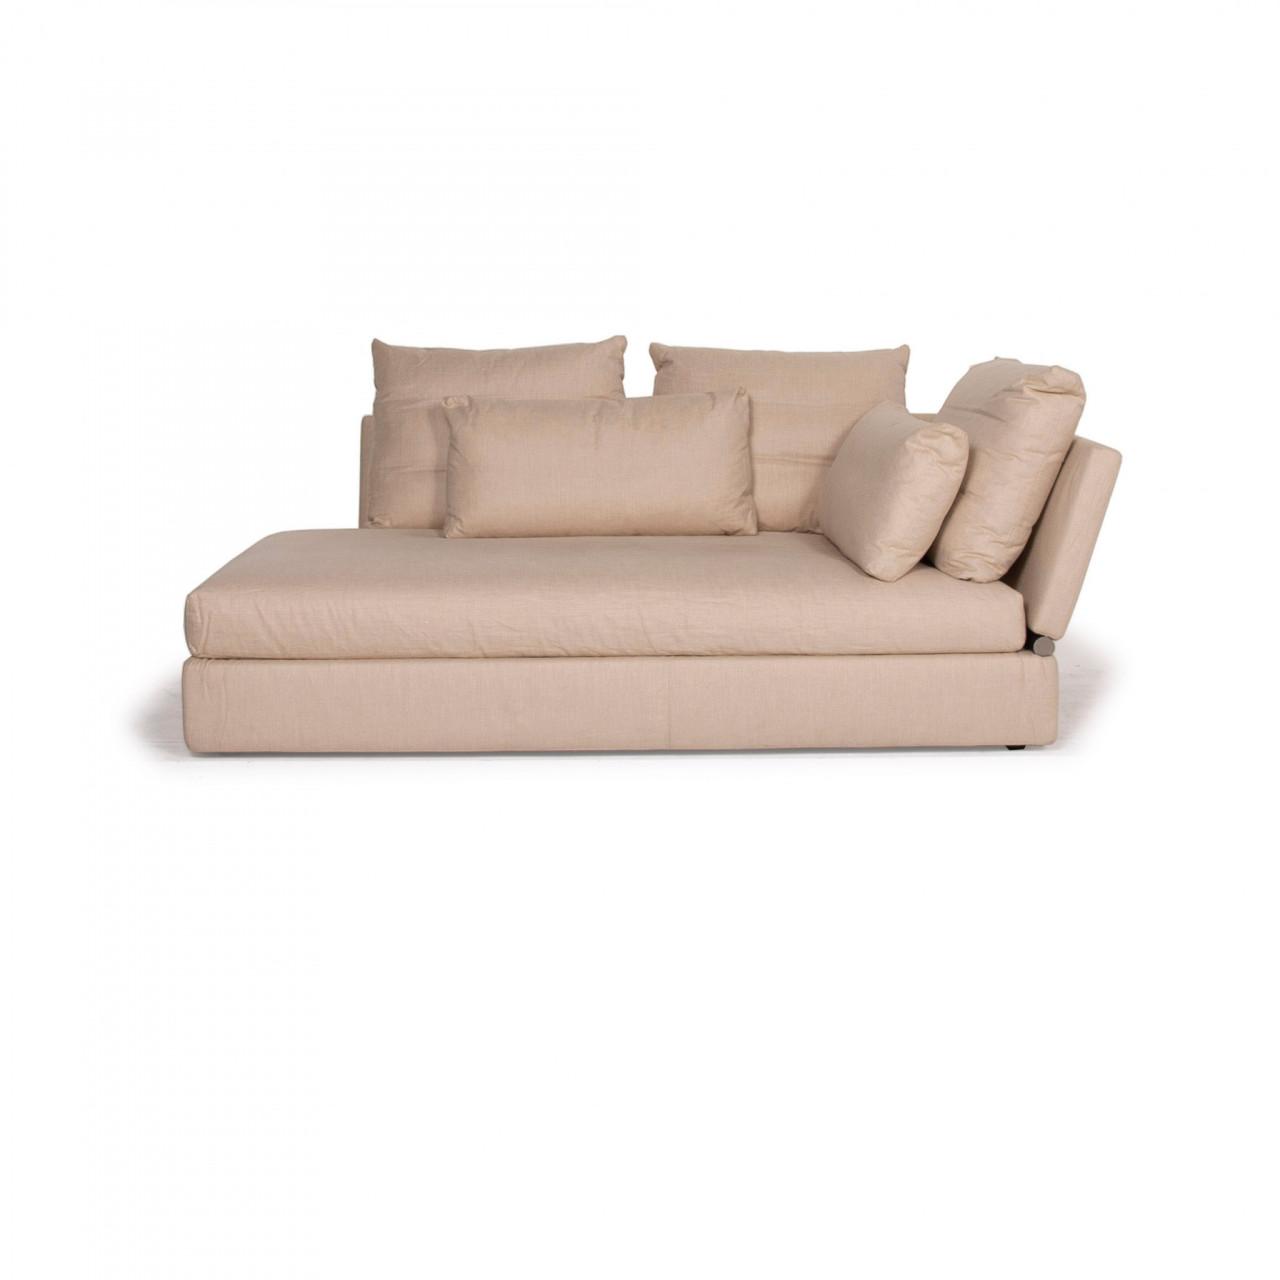 Flexform Sunny Stoff Sofa Beige Zweisitzer Liege #14837 ...